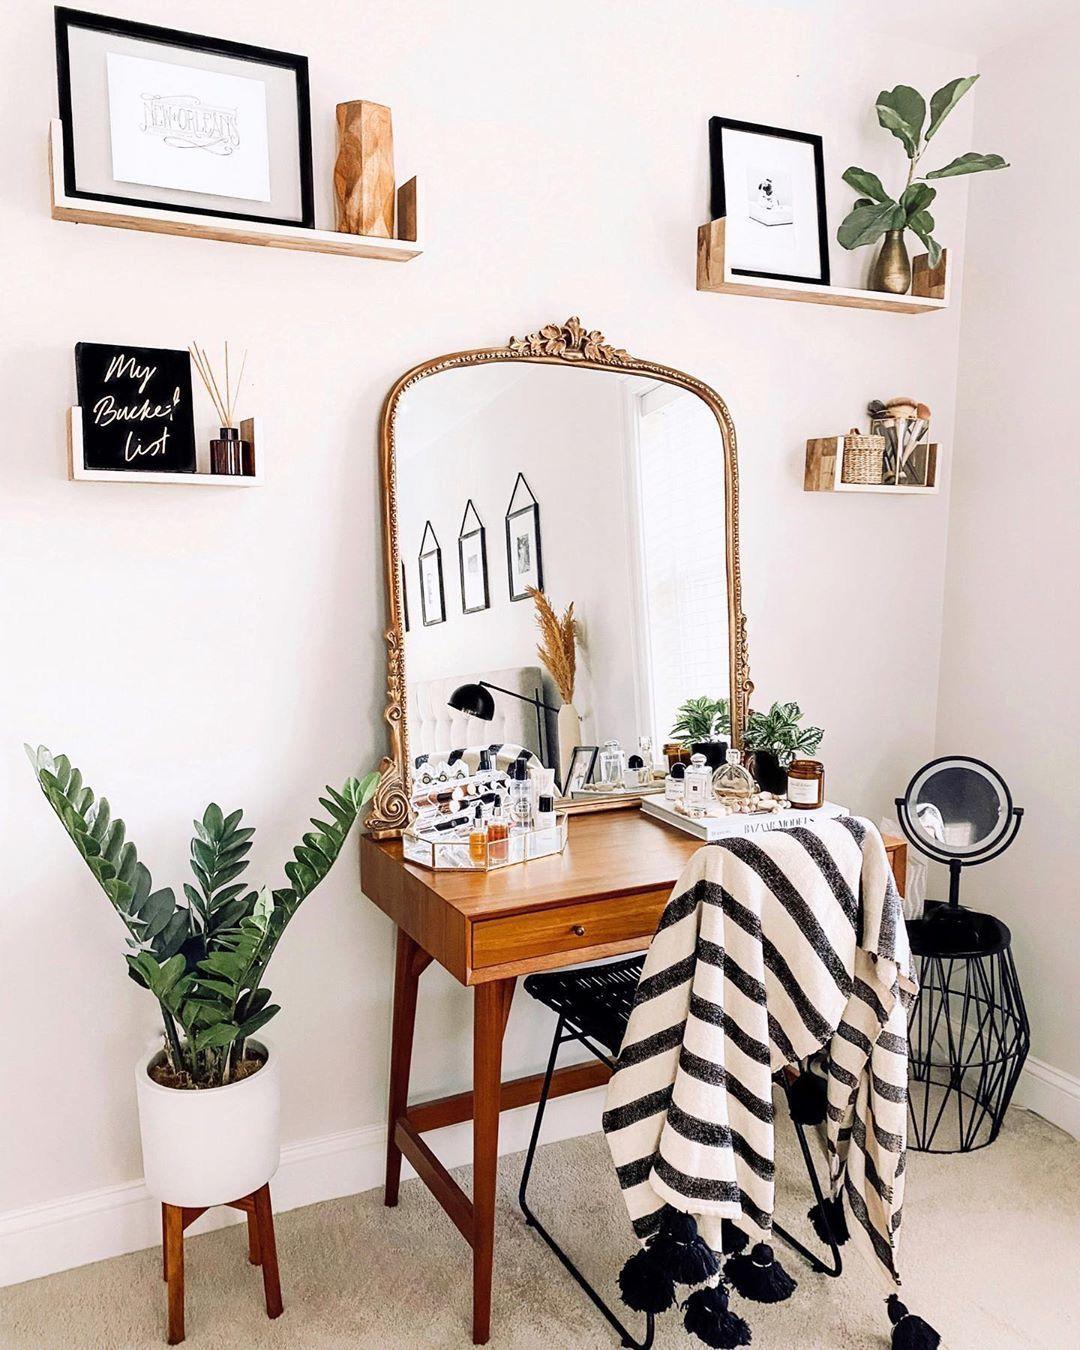 𝙰𝚎𝚜𝚝𝚑𝚎𝚝𝚒𝚌 ヅ𝚗𝚕𝚊𝚗𝟺𝟷𝟸 ♡゛   Budget home decorating ...